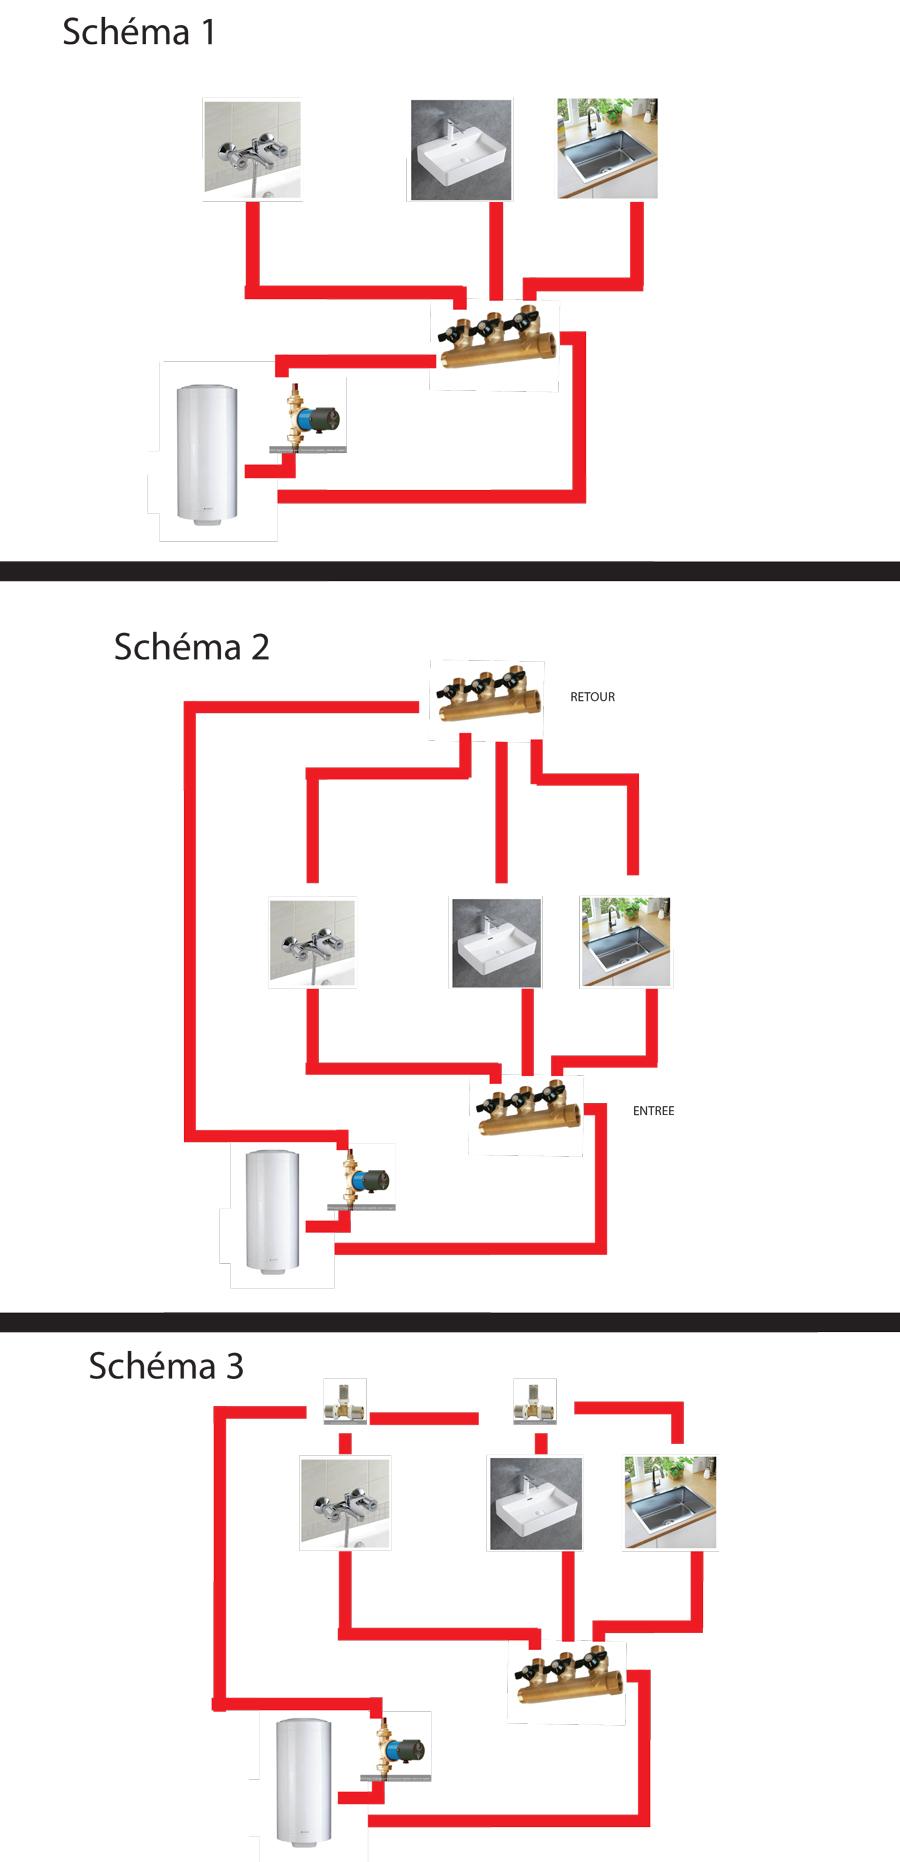 3-schemasOK.jpg, 266.64 kb, 900 x 1862